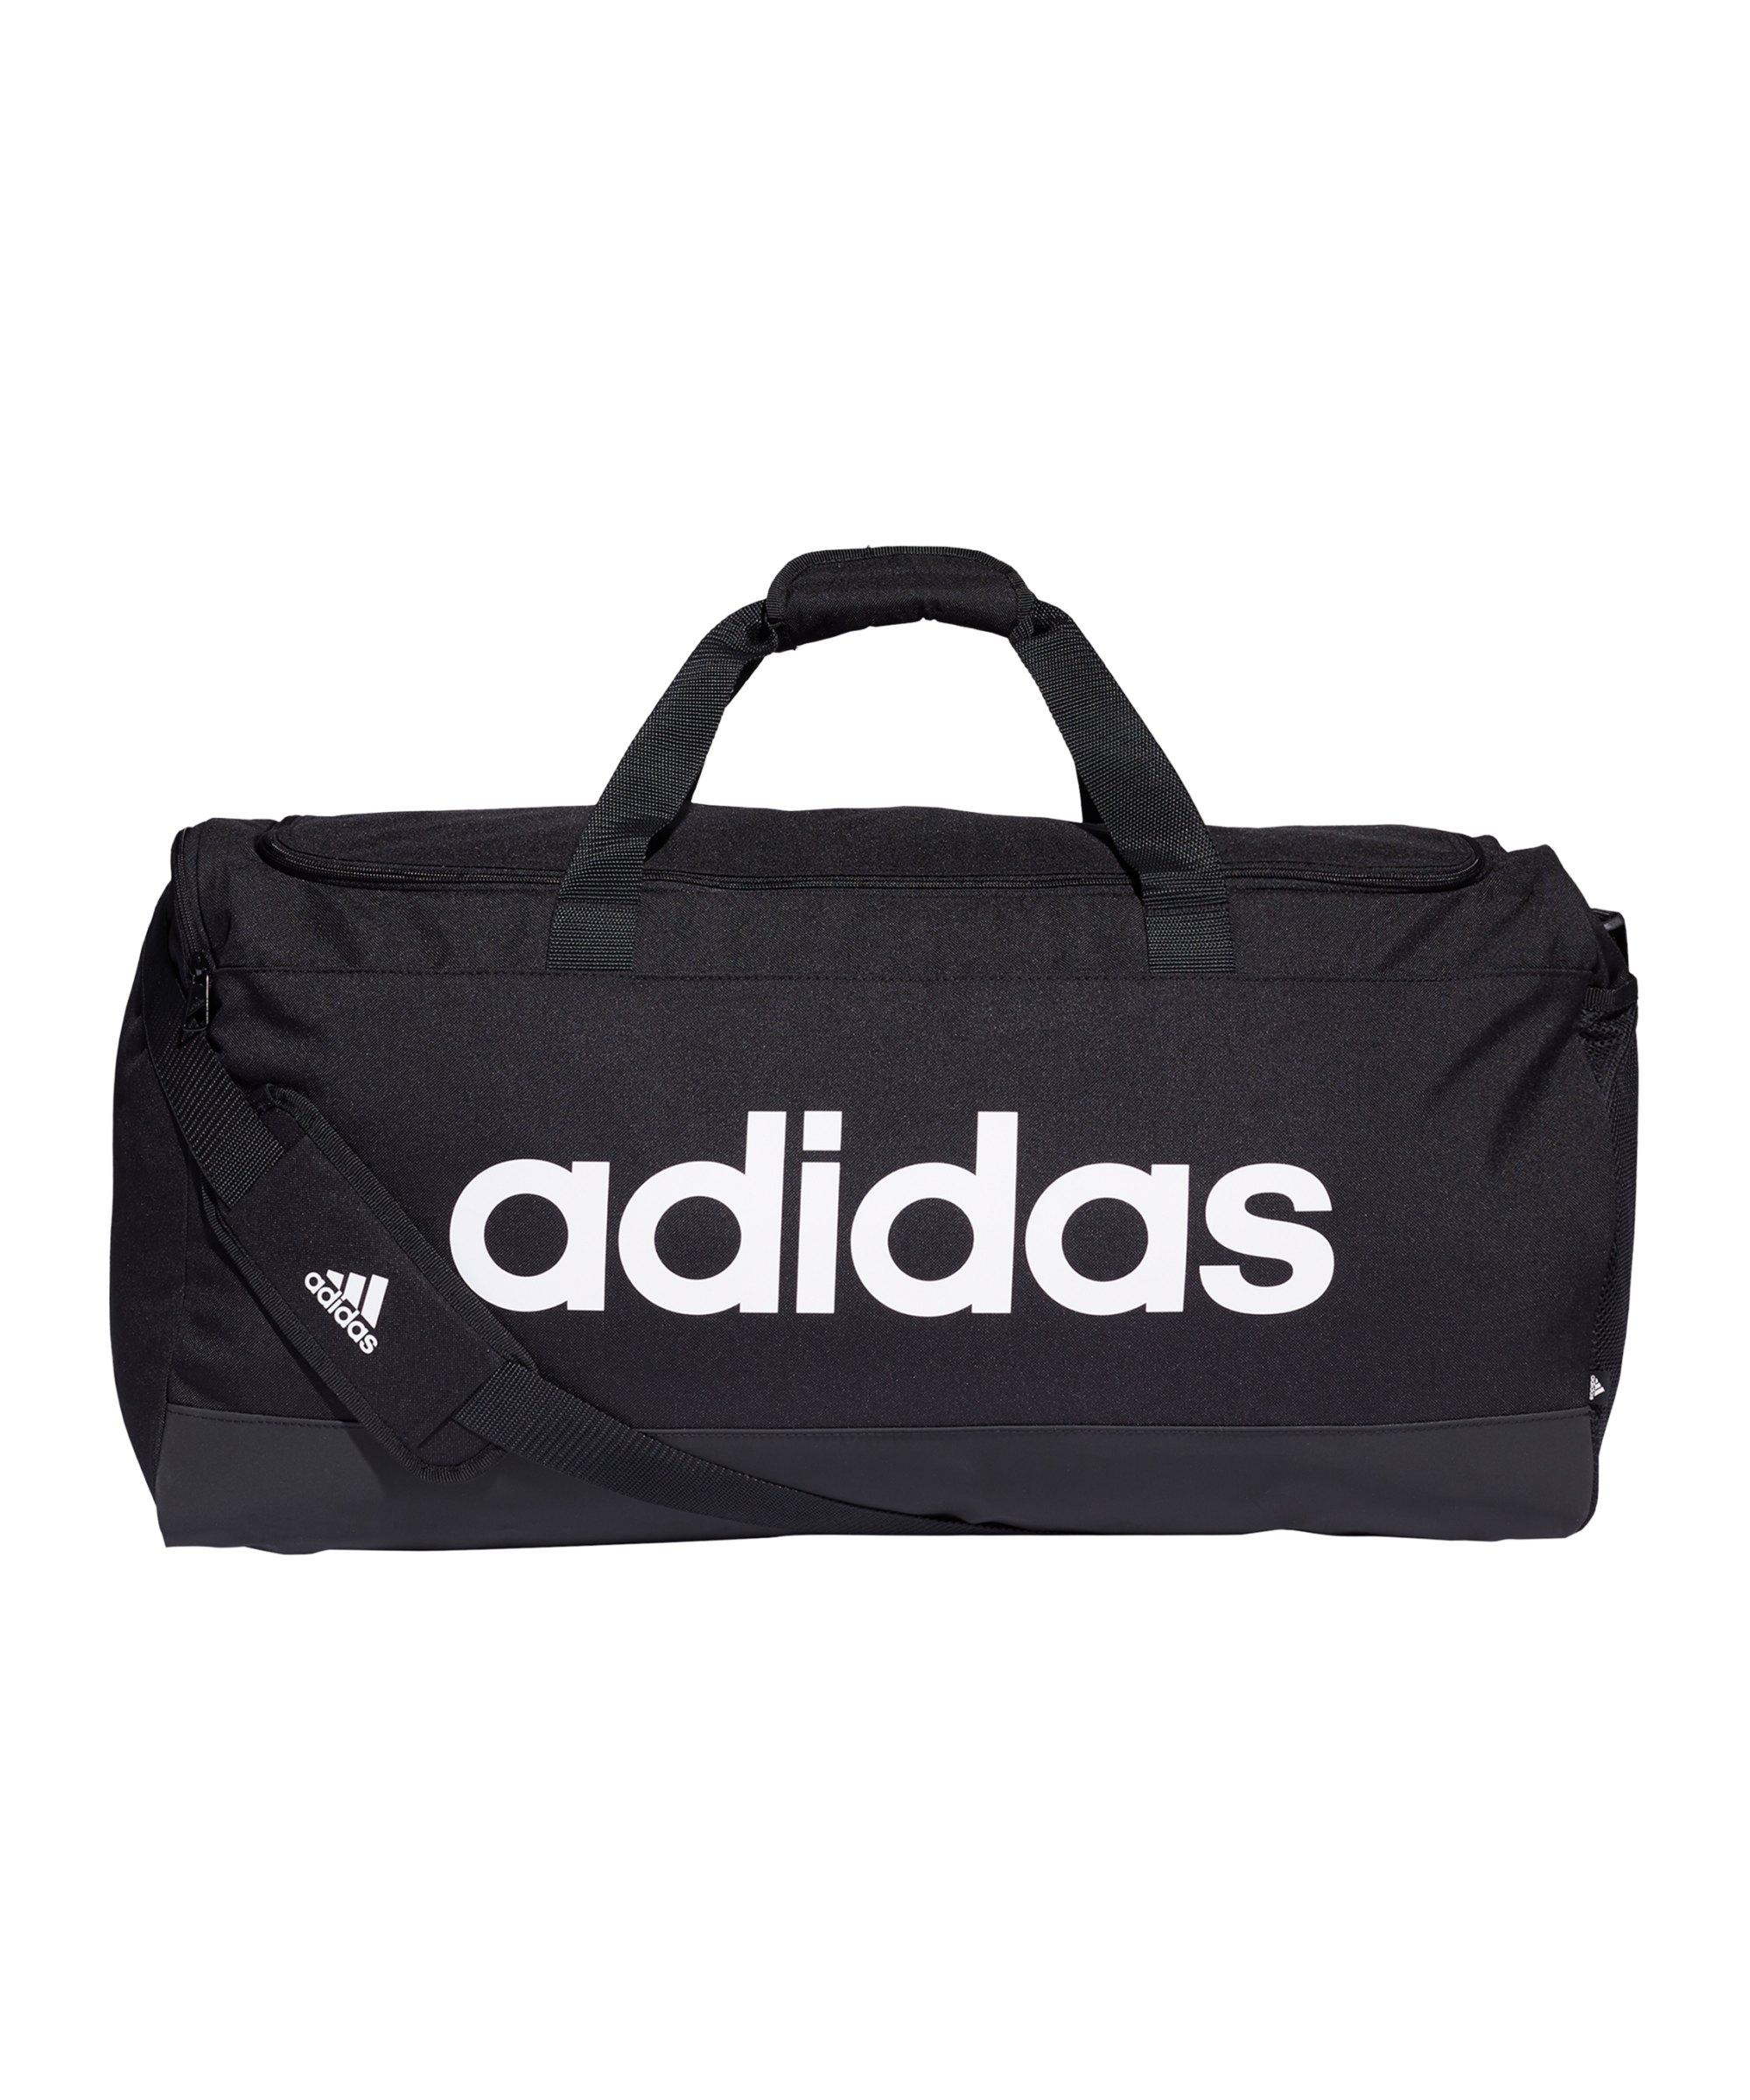 adidas Essentials Duffelbag Gr. L Schwarz Weiss - schwarz